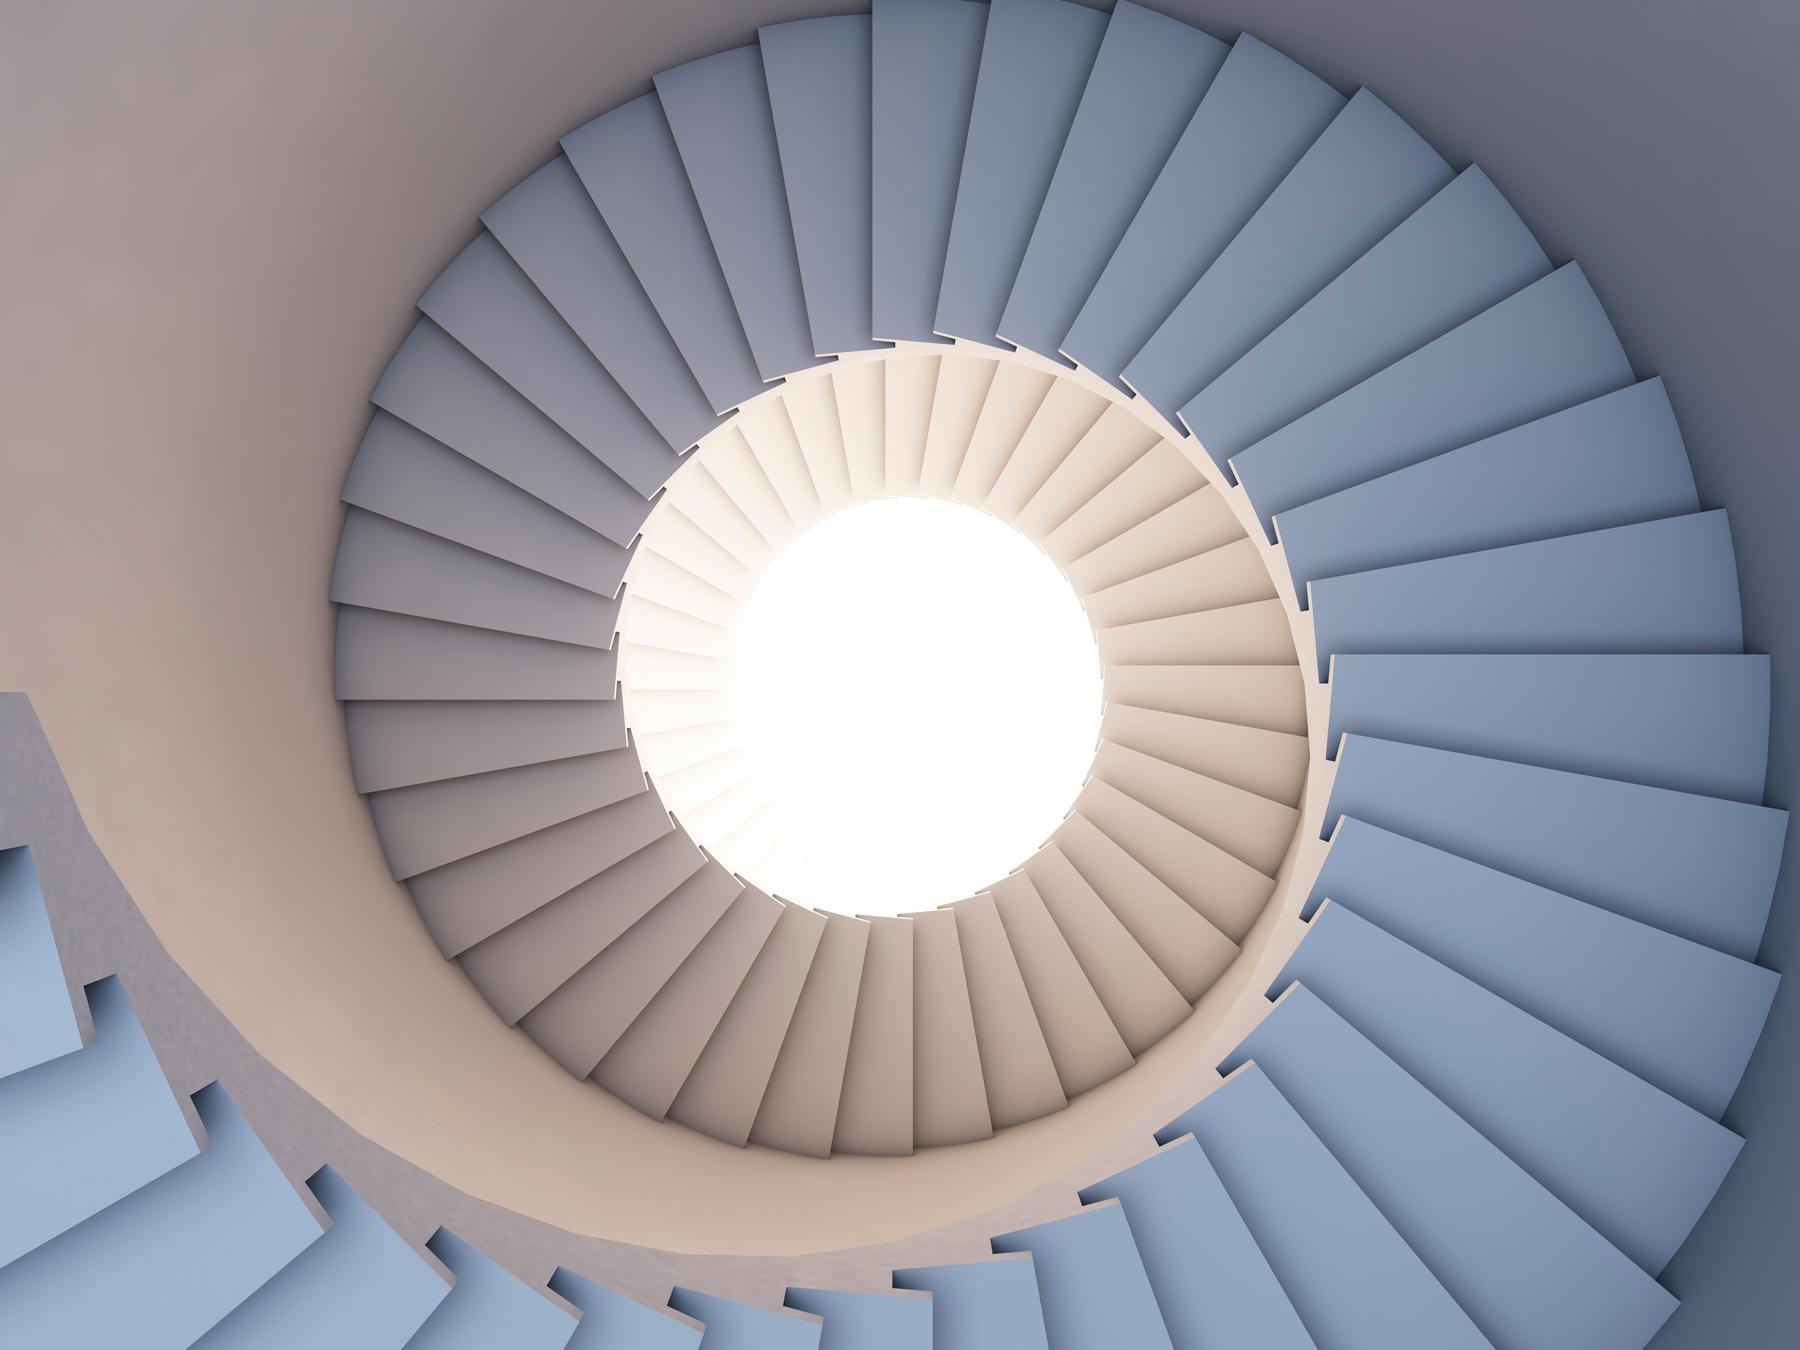 Aufwärtsspirale